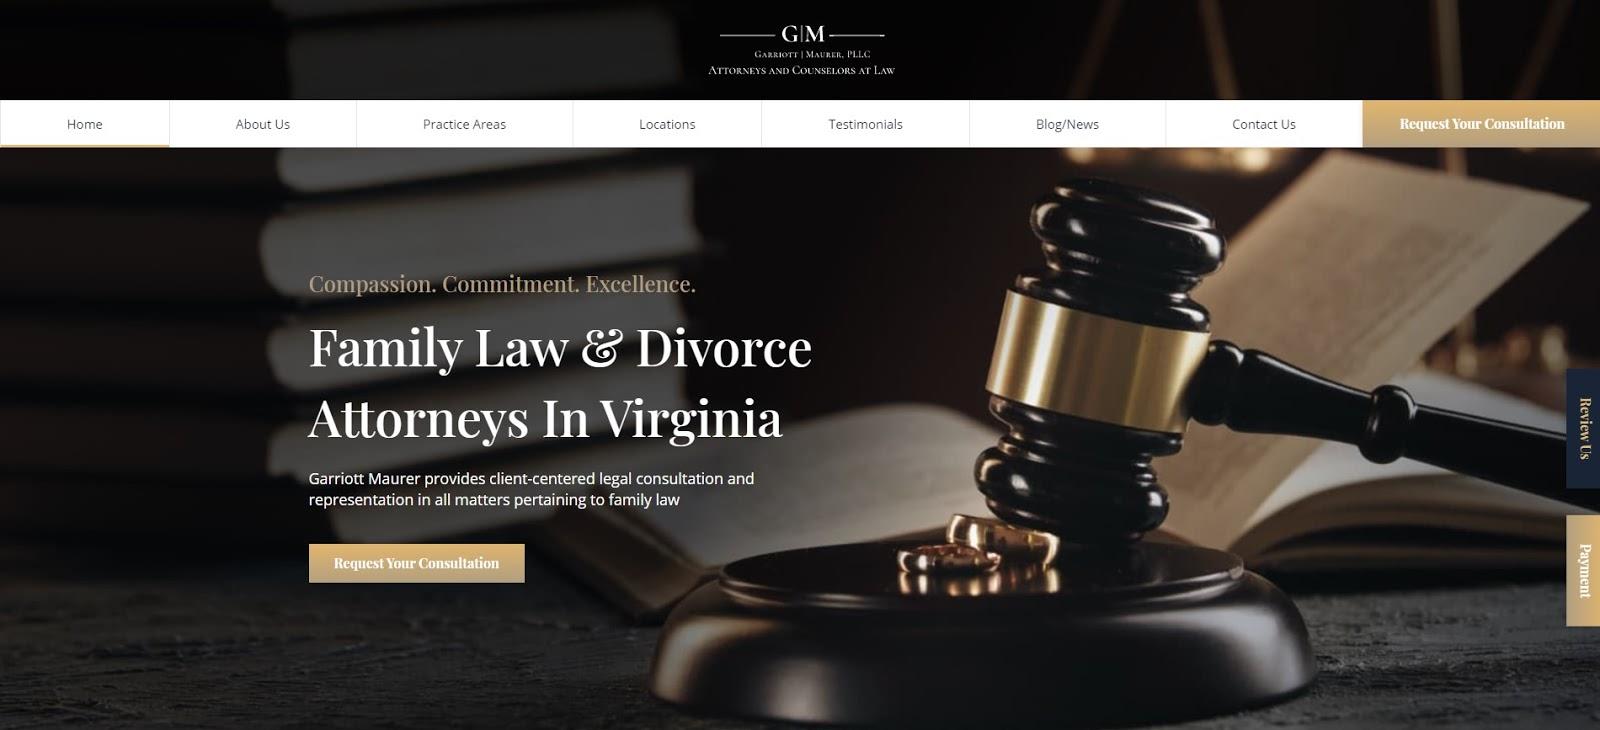 Garriott Maurer homepage